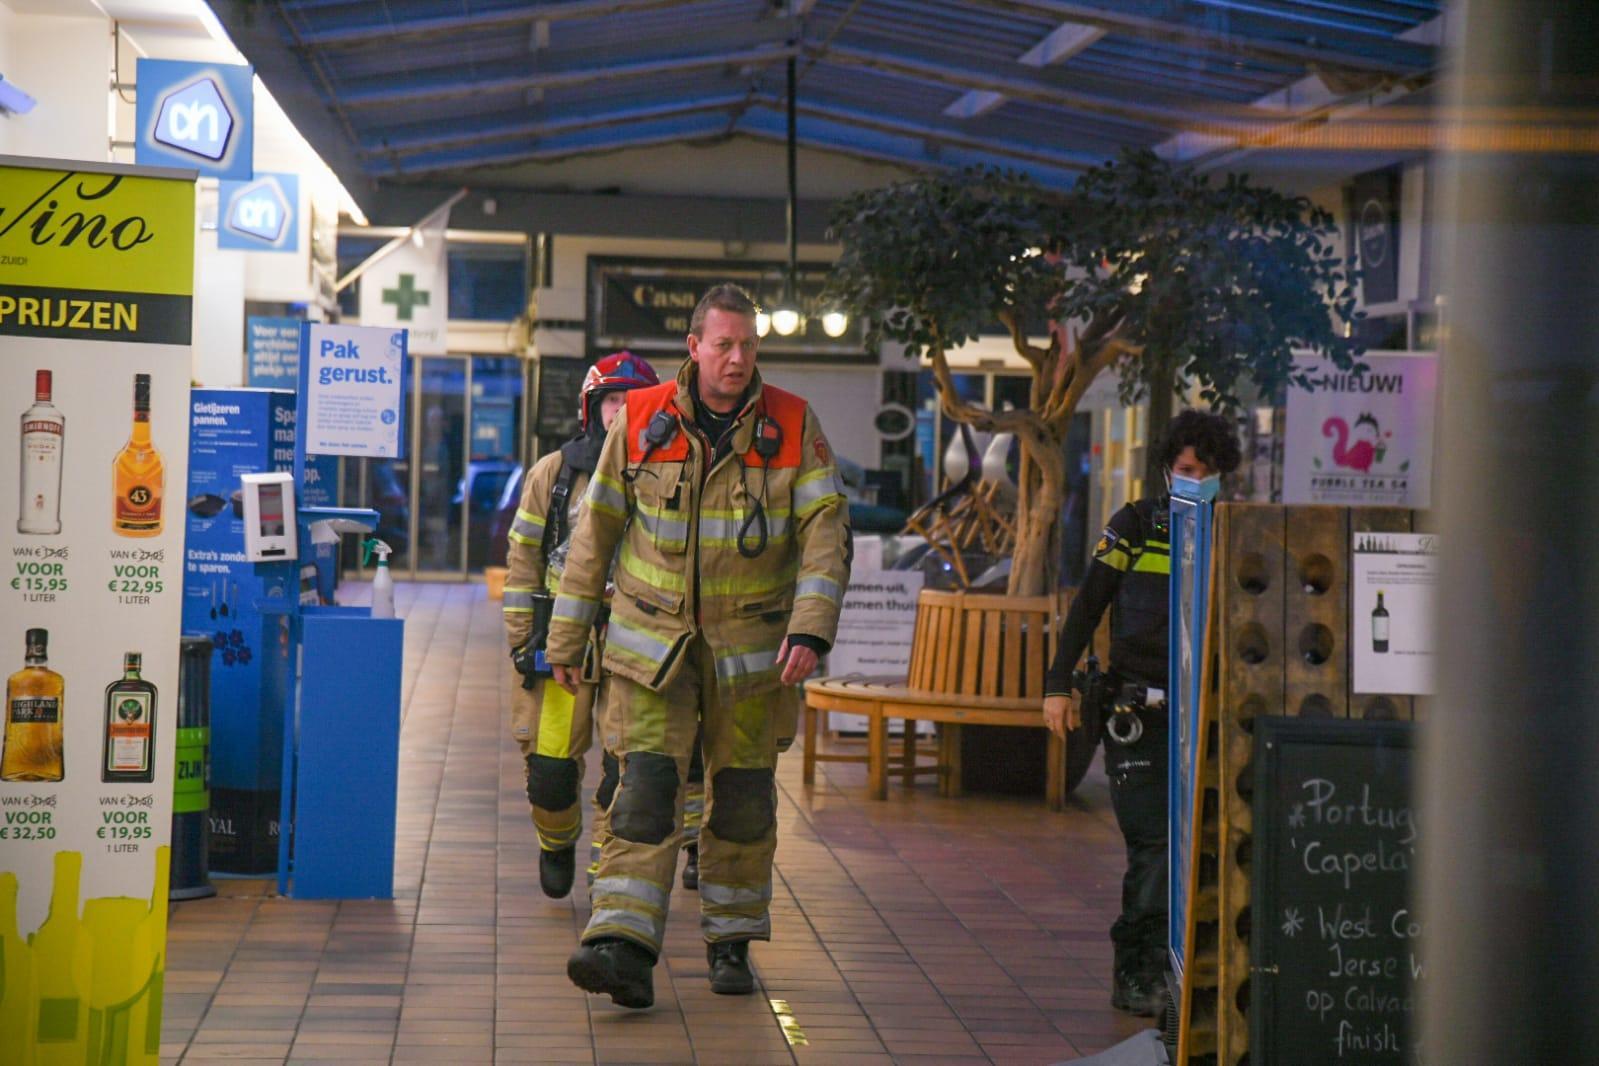 Brandje in winkelcentrum in Hilversum; sigaret mogelijk de oorzaak